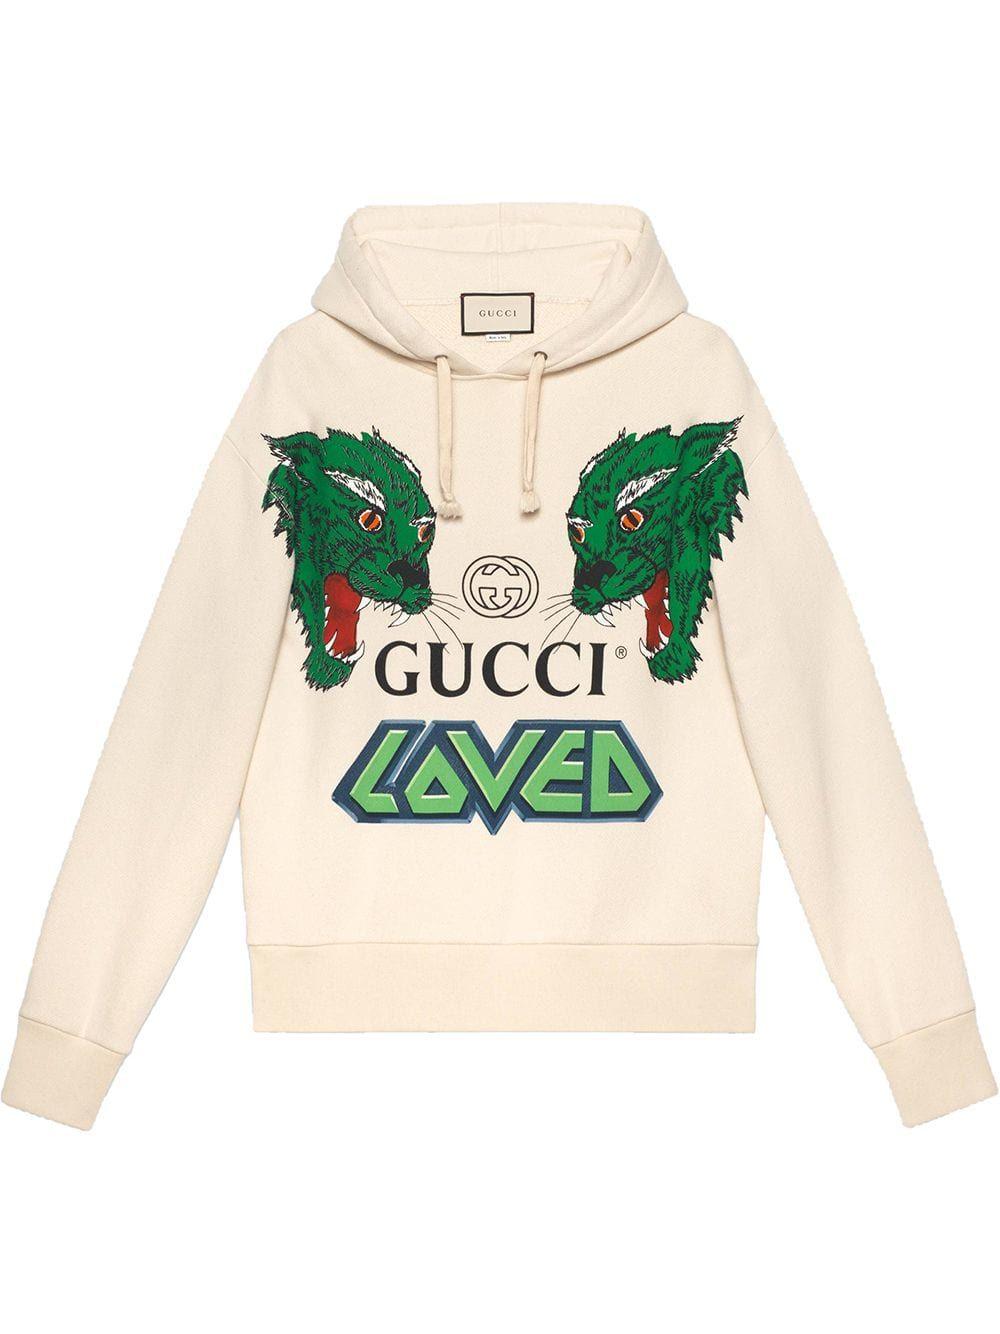 Gucci Gucci Cotton Sweatshirt With Tigers Neutrals Gucci Cloth Mens Designer Hoodies Mens Sweatshirts Cotton Sweatshirts [ 1334 x 1000 Pixel ]